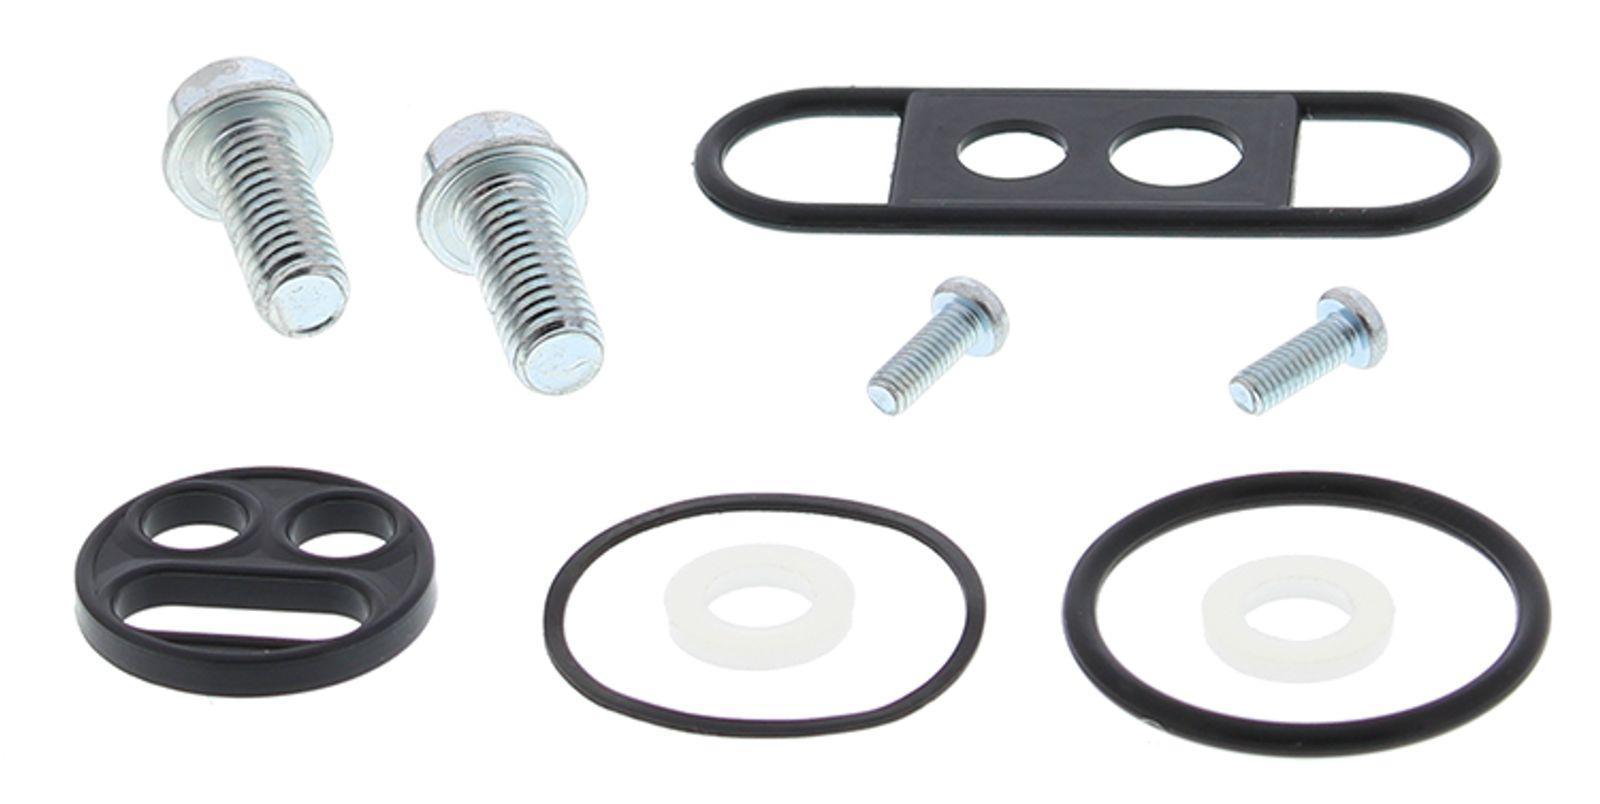 Wrp Fuel Tap Repair Kits - WRP601020 image